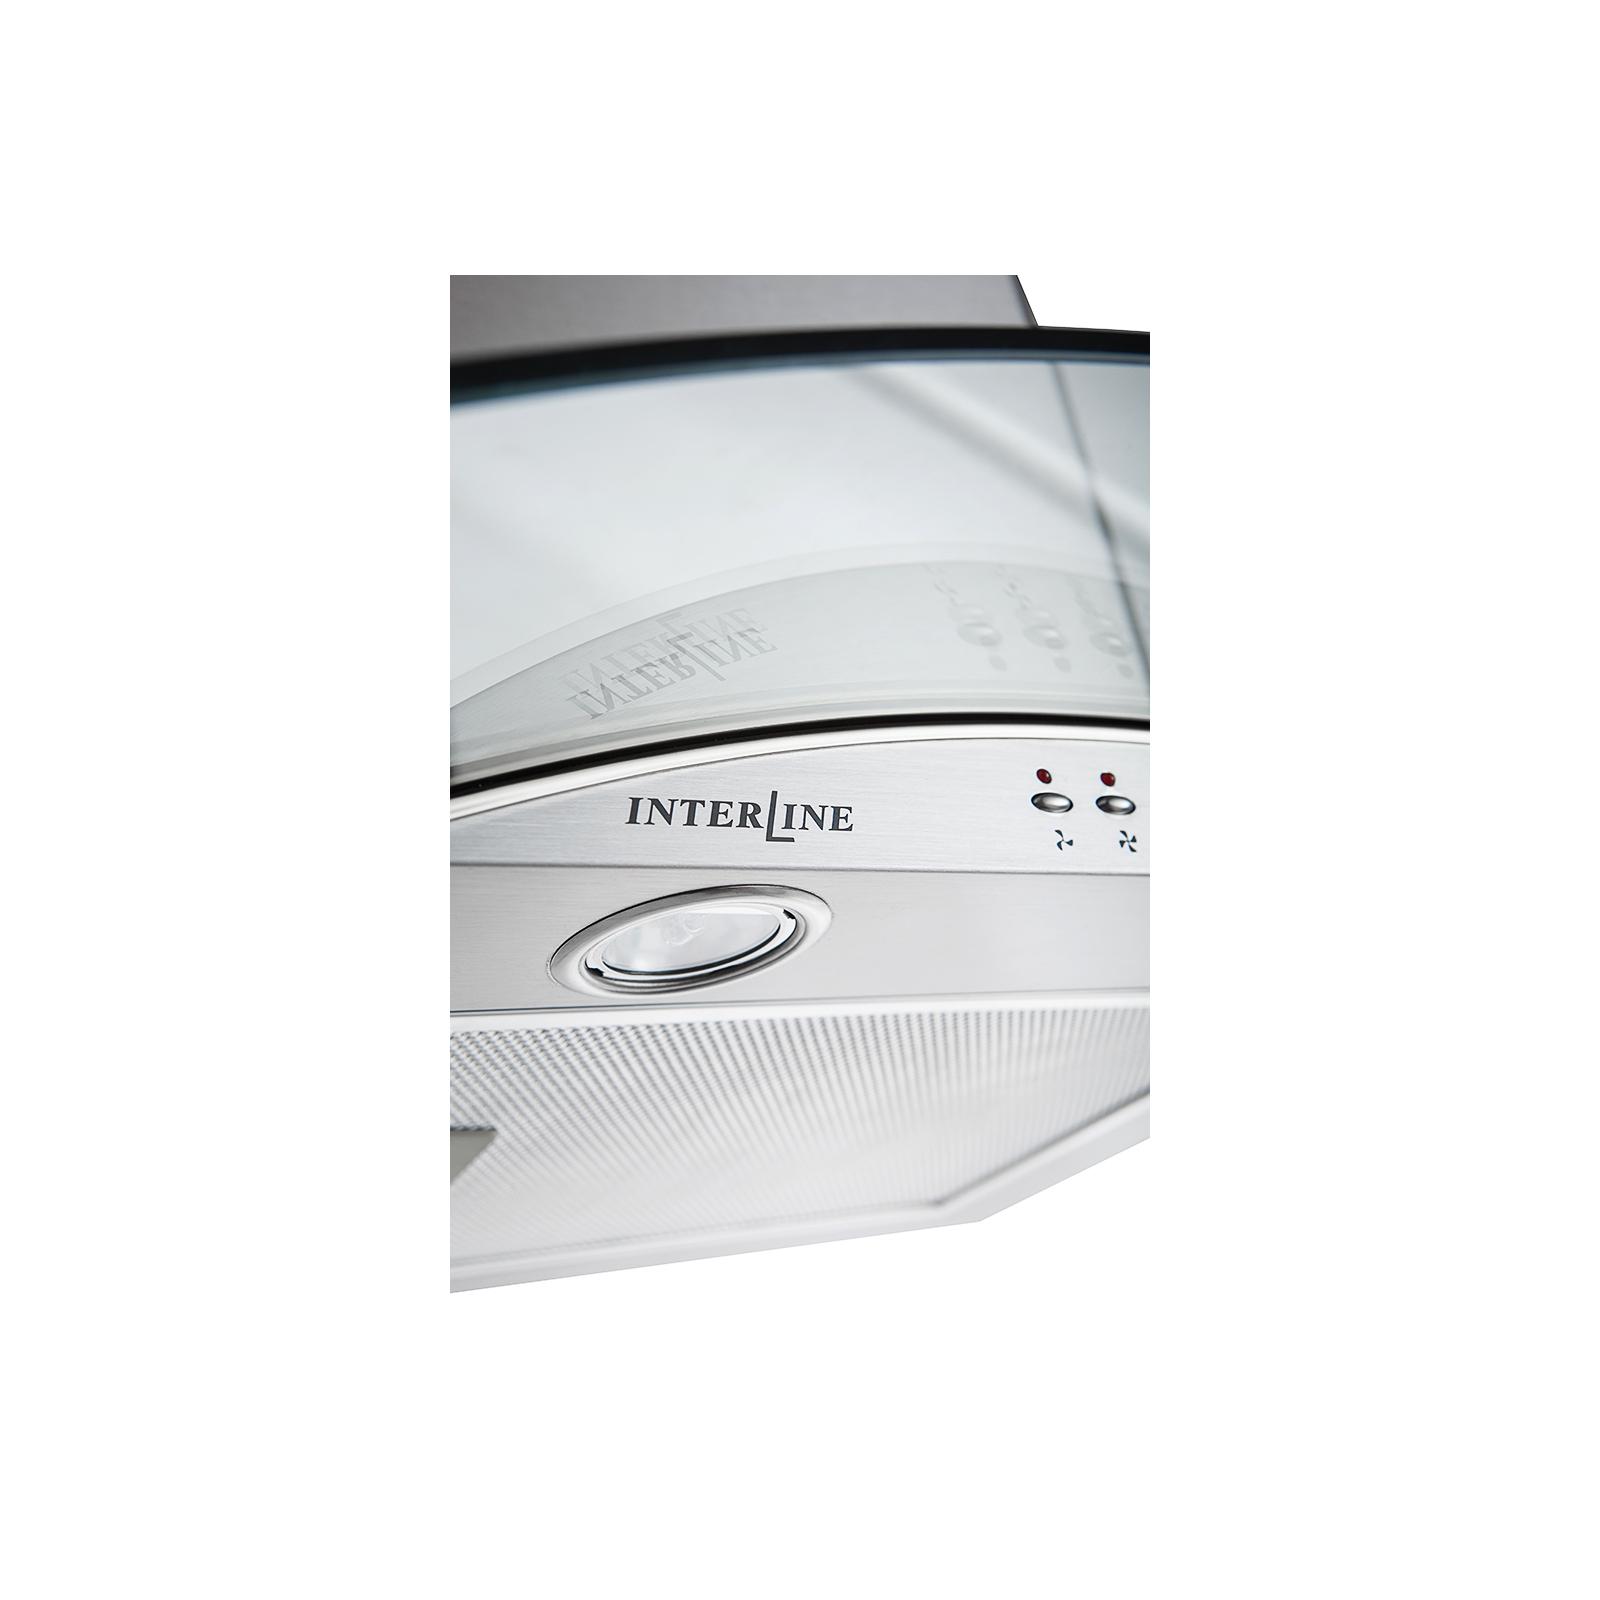 Вытяжка кухонная Interline EAGLE X/V A/60 EB изображение 2